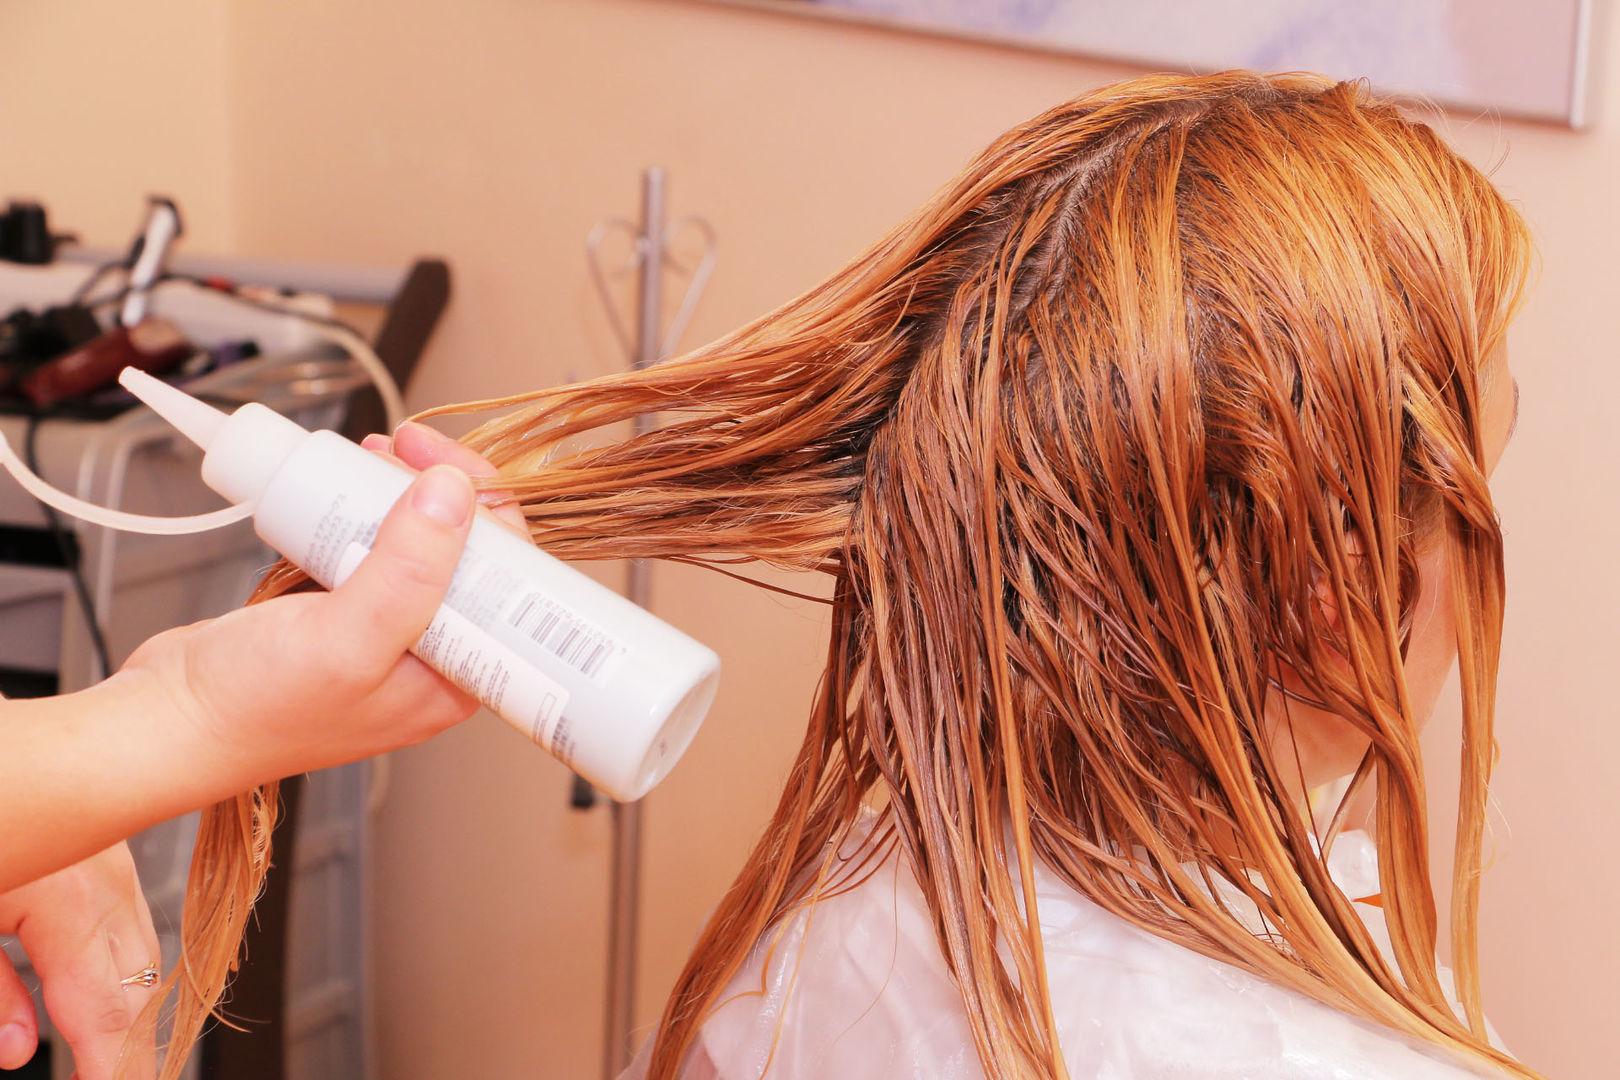 Елена Ильясова в студии красоты L'orange. 2 этап процедуры «Абсолютное счастье для волос»